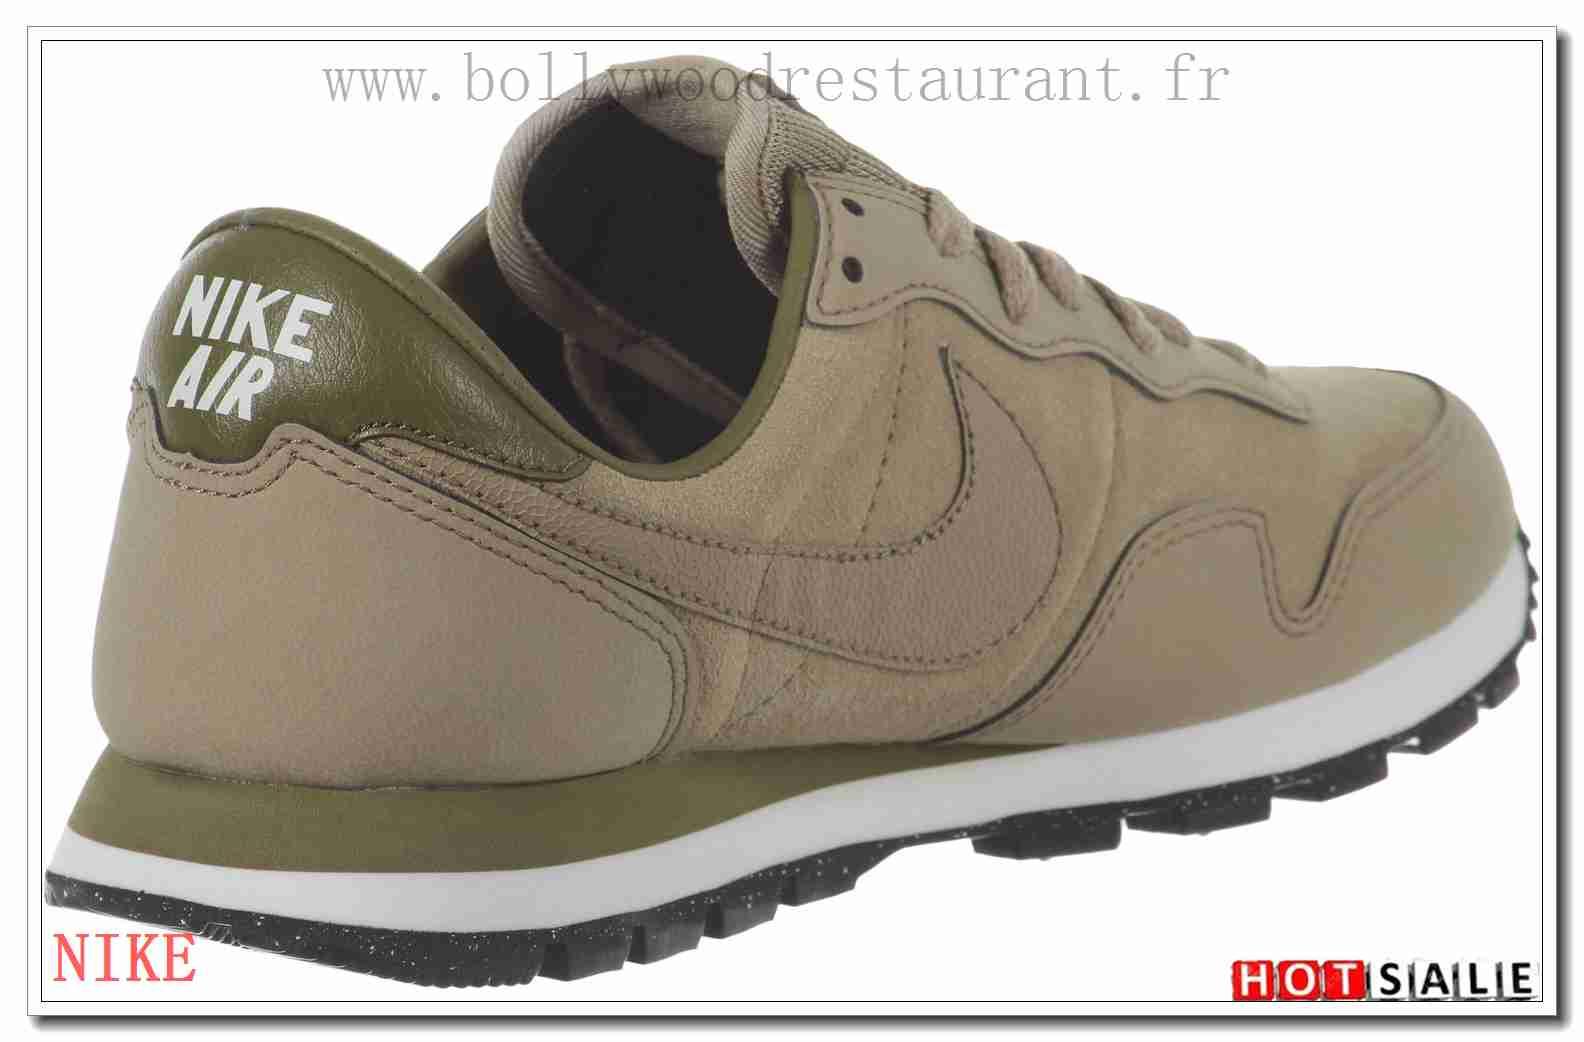 buy online 8cf06 1d7eb HY7518 En Gros 2018 Nouveau style Nike Air Pegasus 83 - Femme Chaussures - Promotions  Vente - H.K.Y. 502 - Taille   36~39